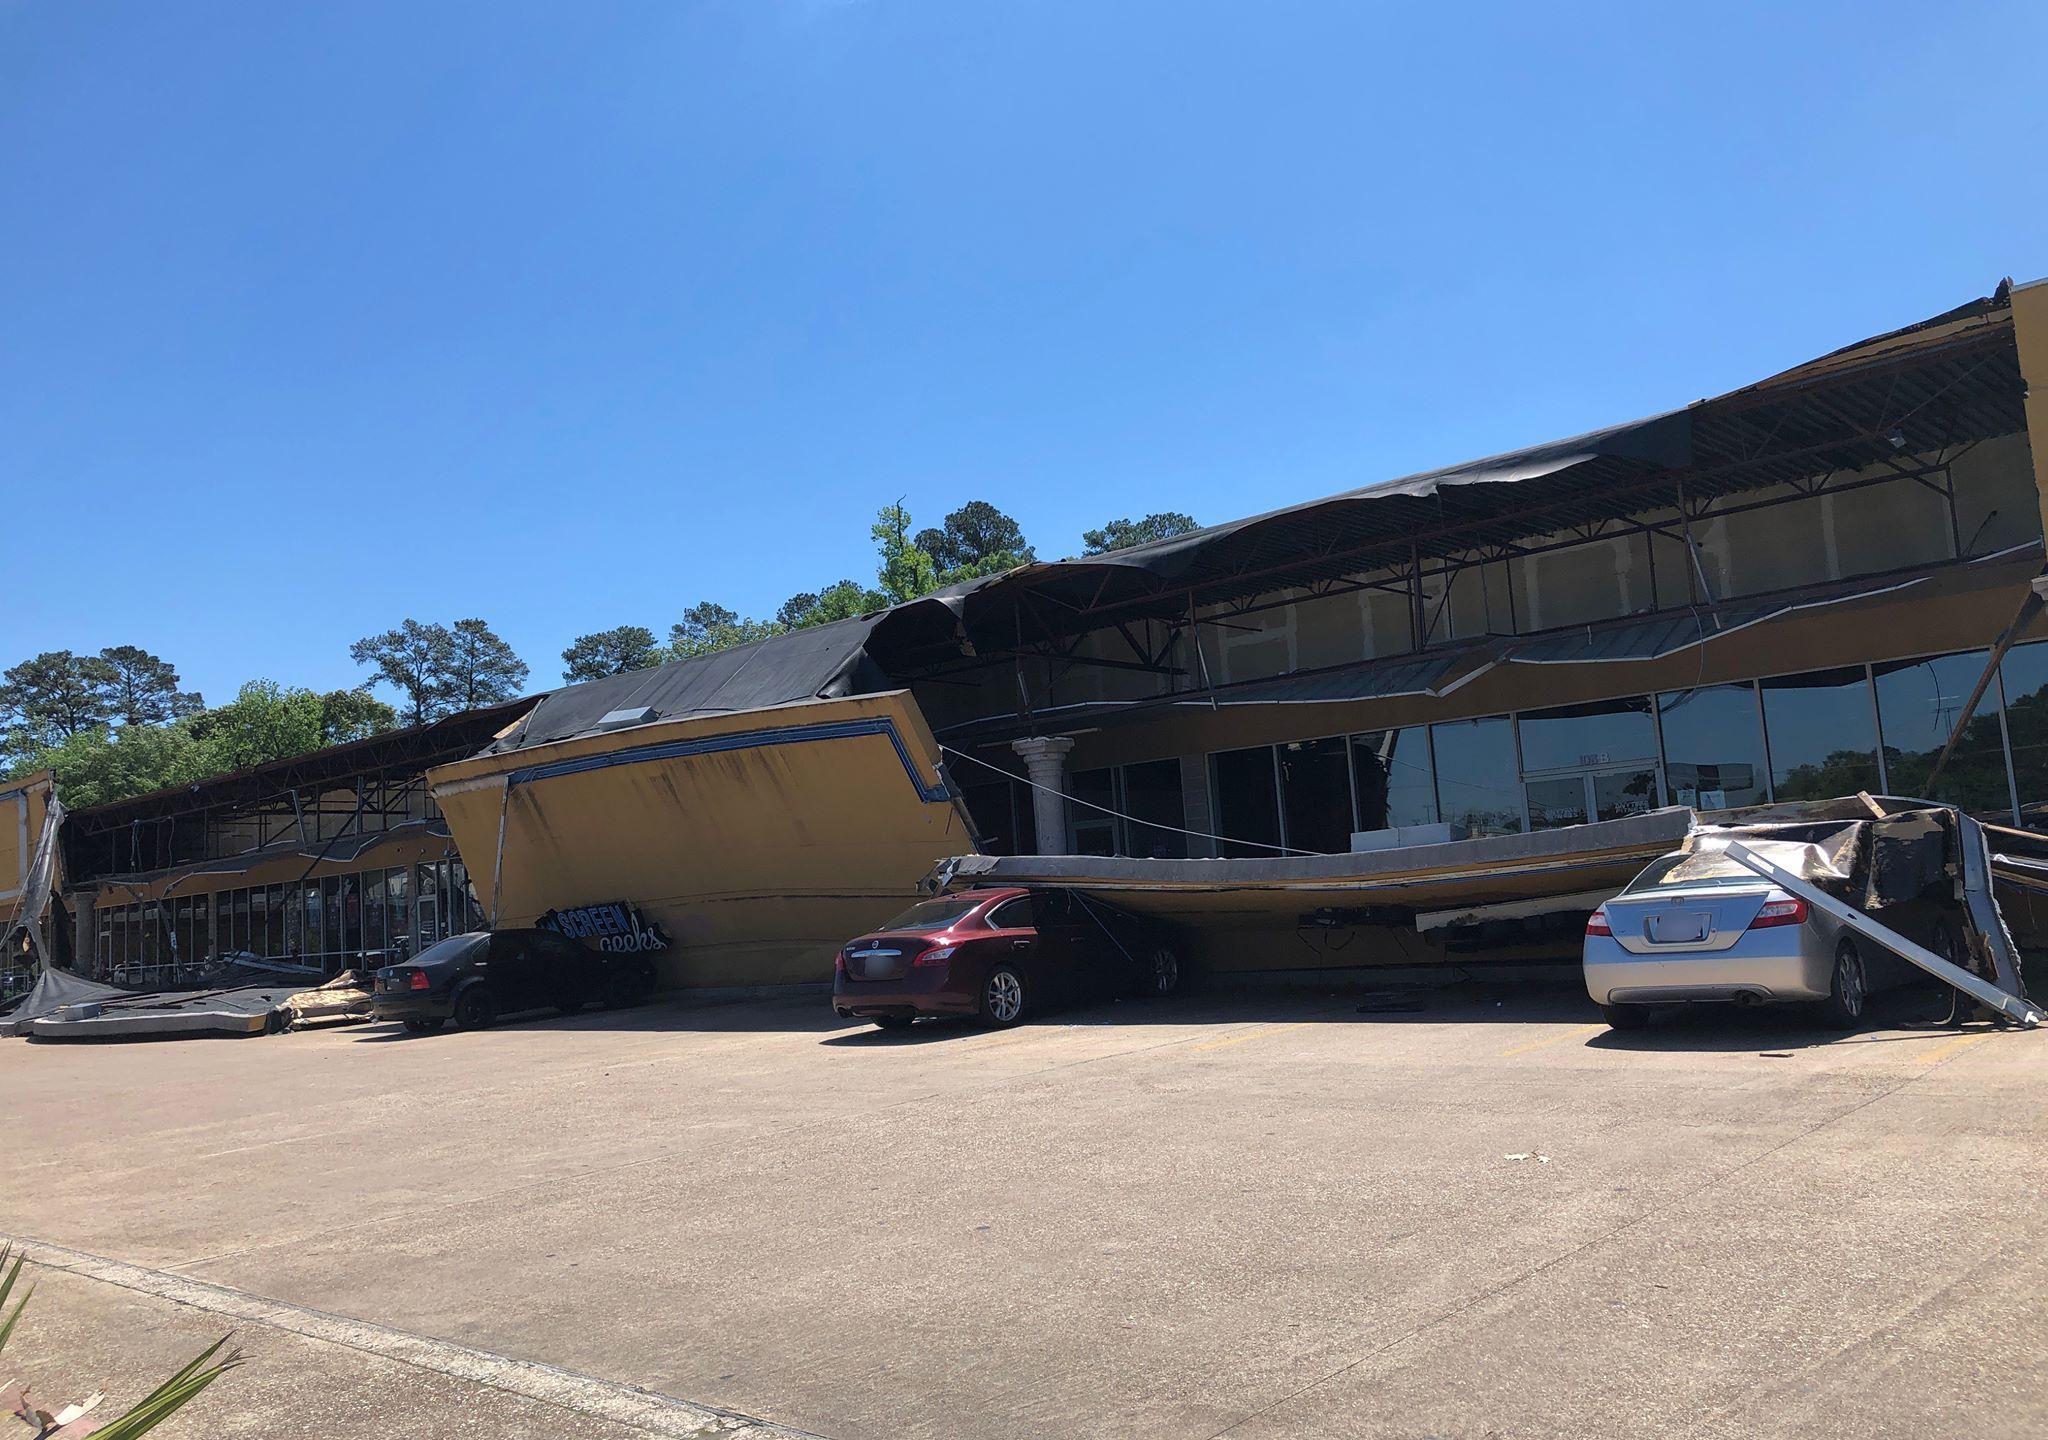 lufkin shopping center collapse-4_1555269213267.jpg.jpg